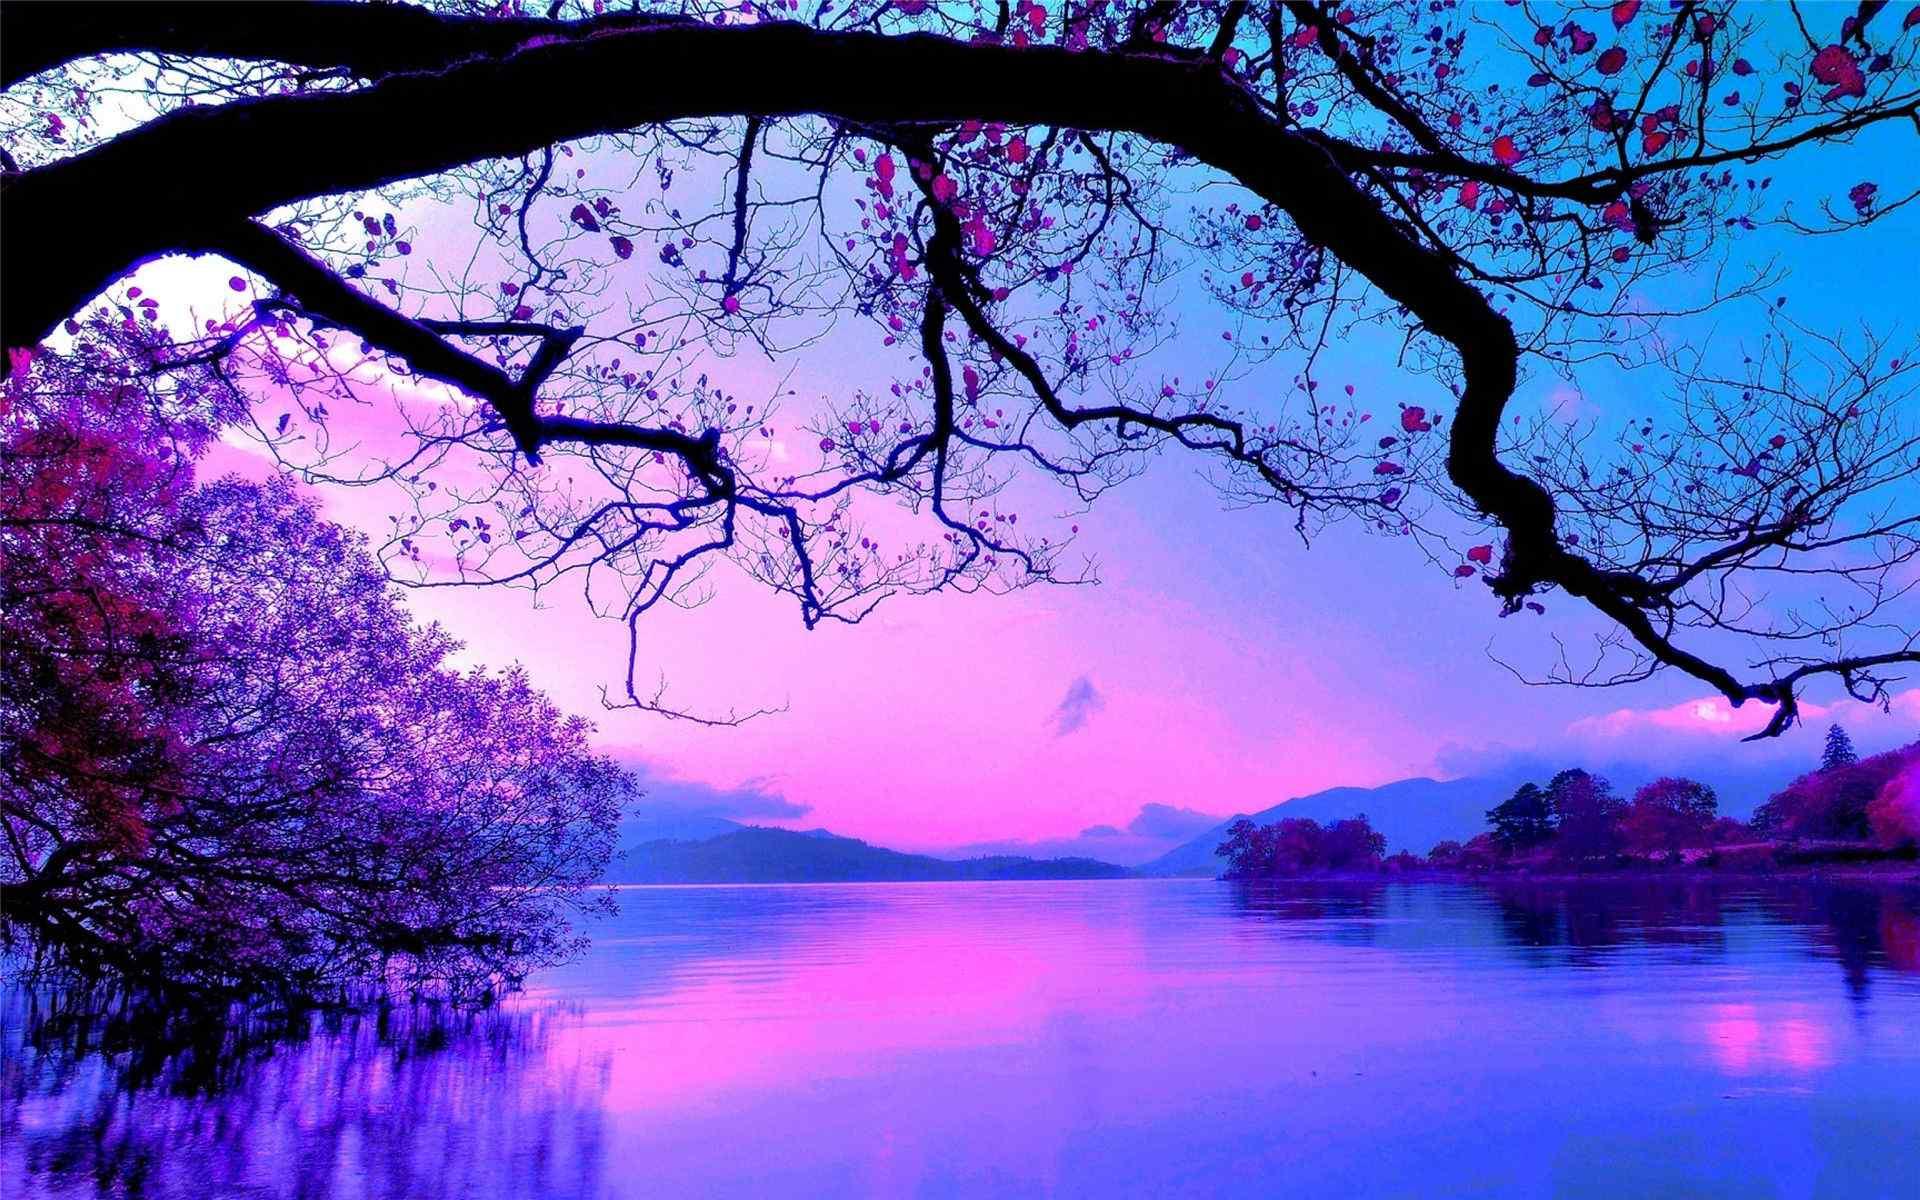 紫色梦幻素材唯美桌面壁纸 -桌面天下(Desktx.com)